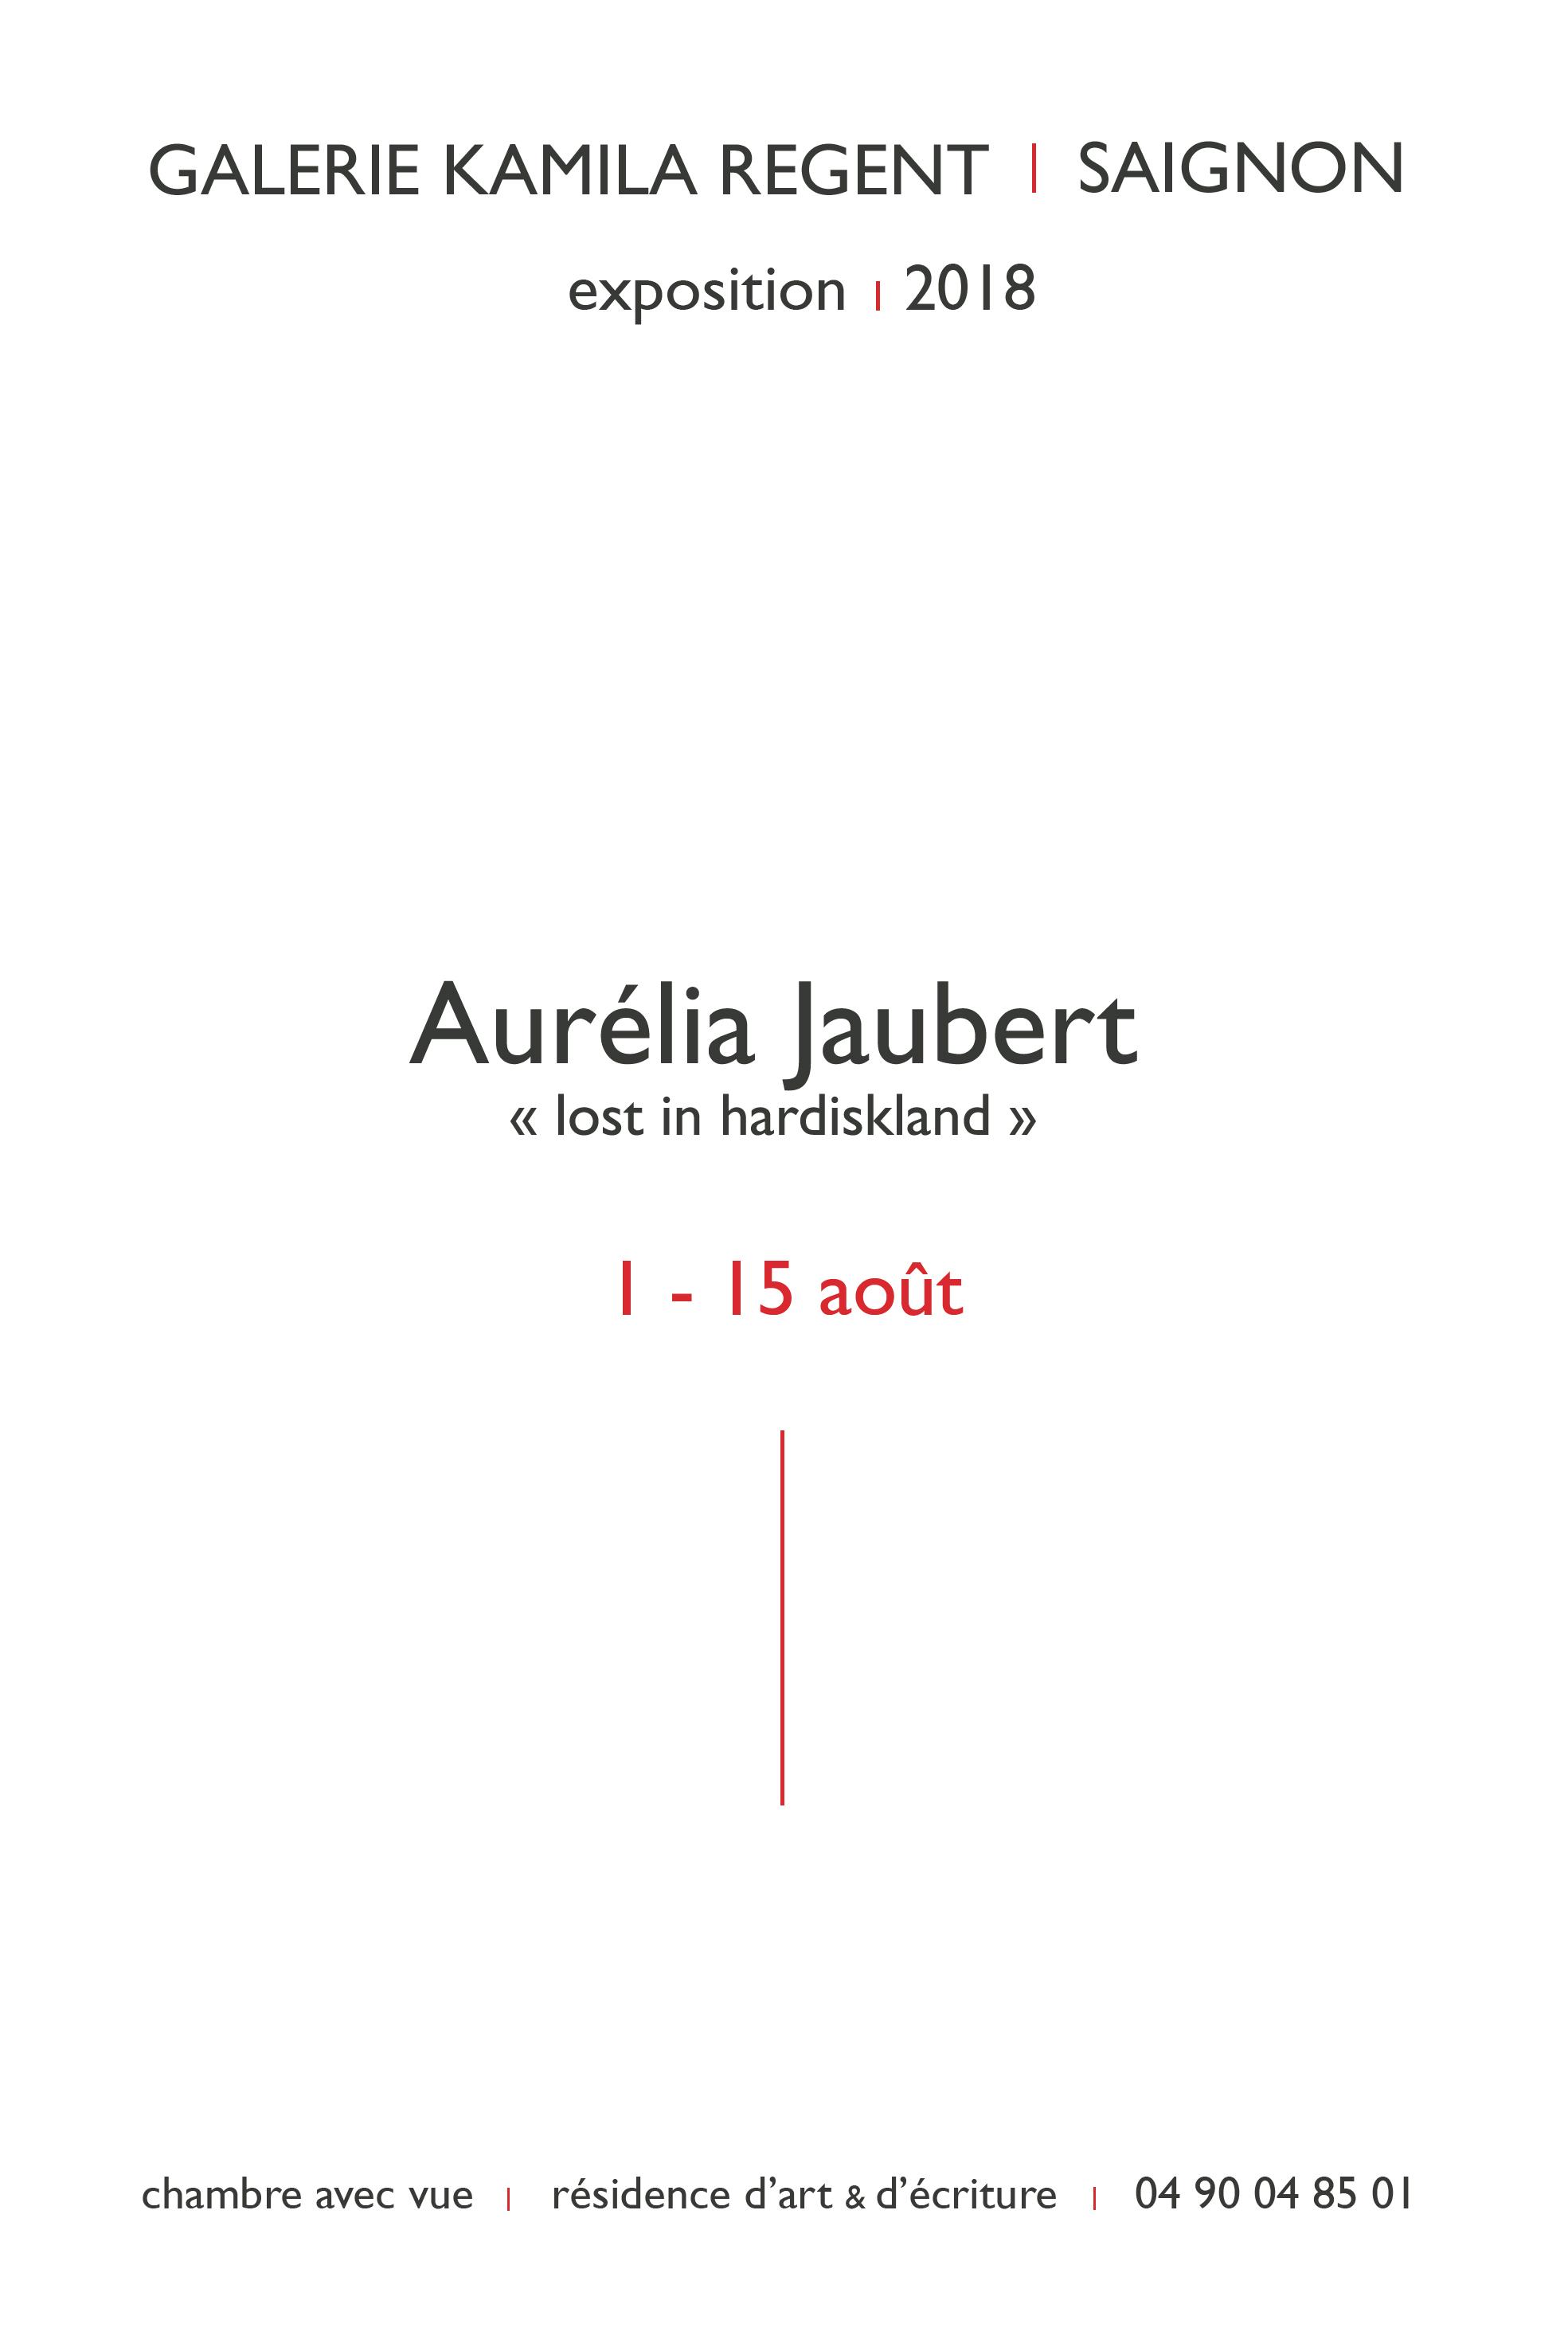 jaubert-1-aout-